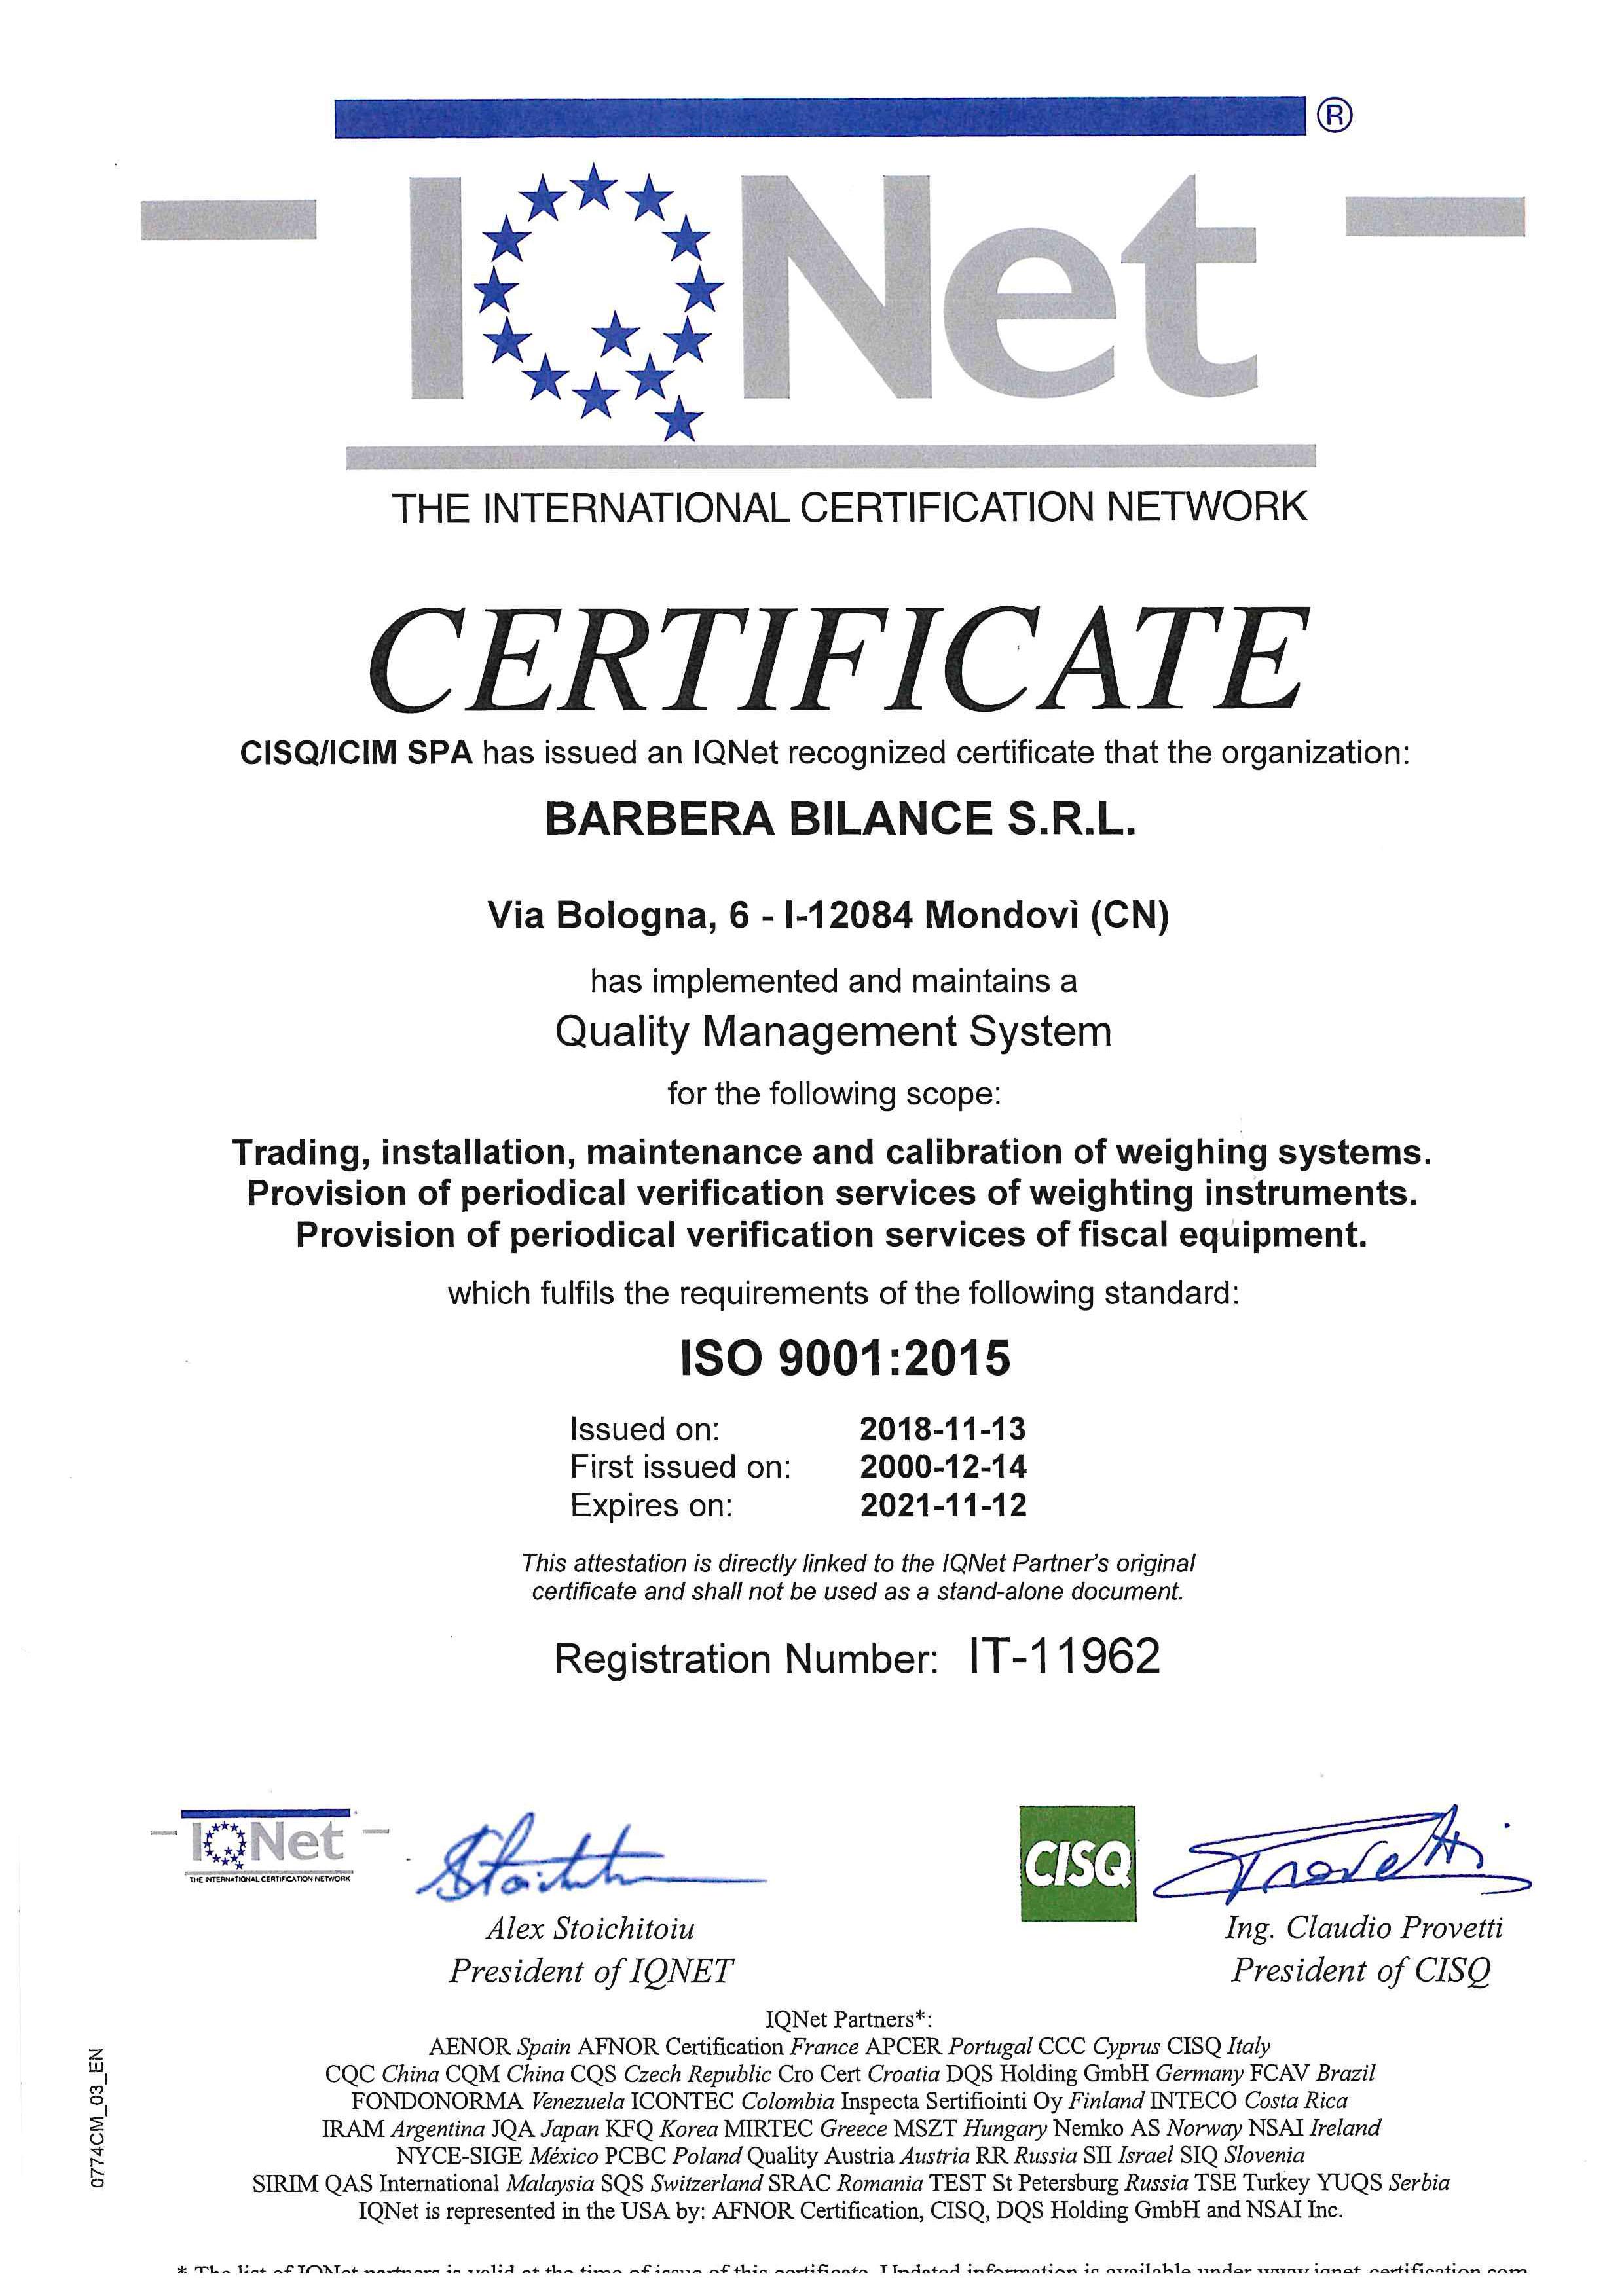 Nel 2018 Barbera Bilance ha ottenuto la certificazione ISO 9001:2015